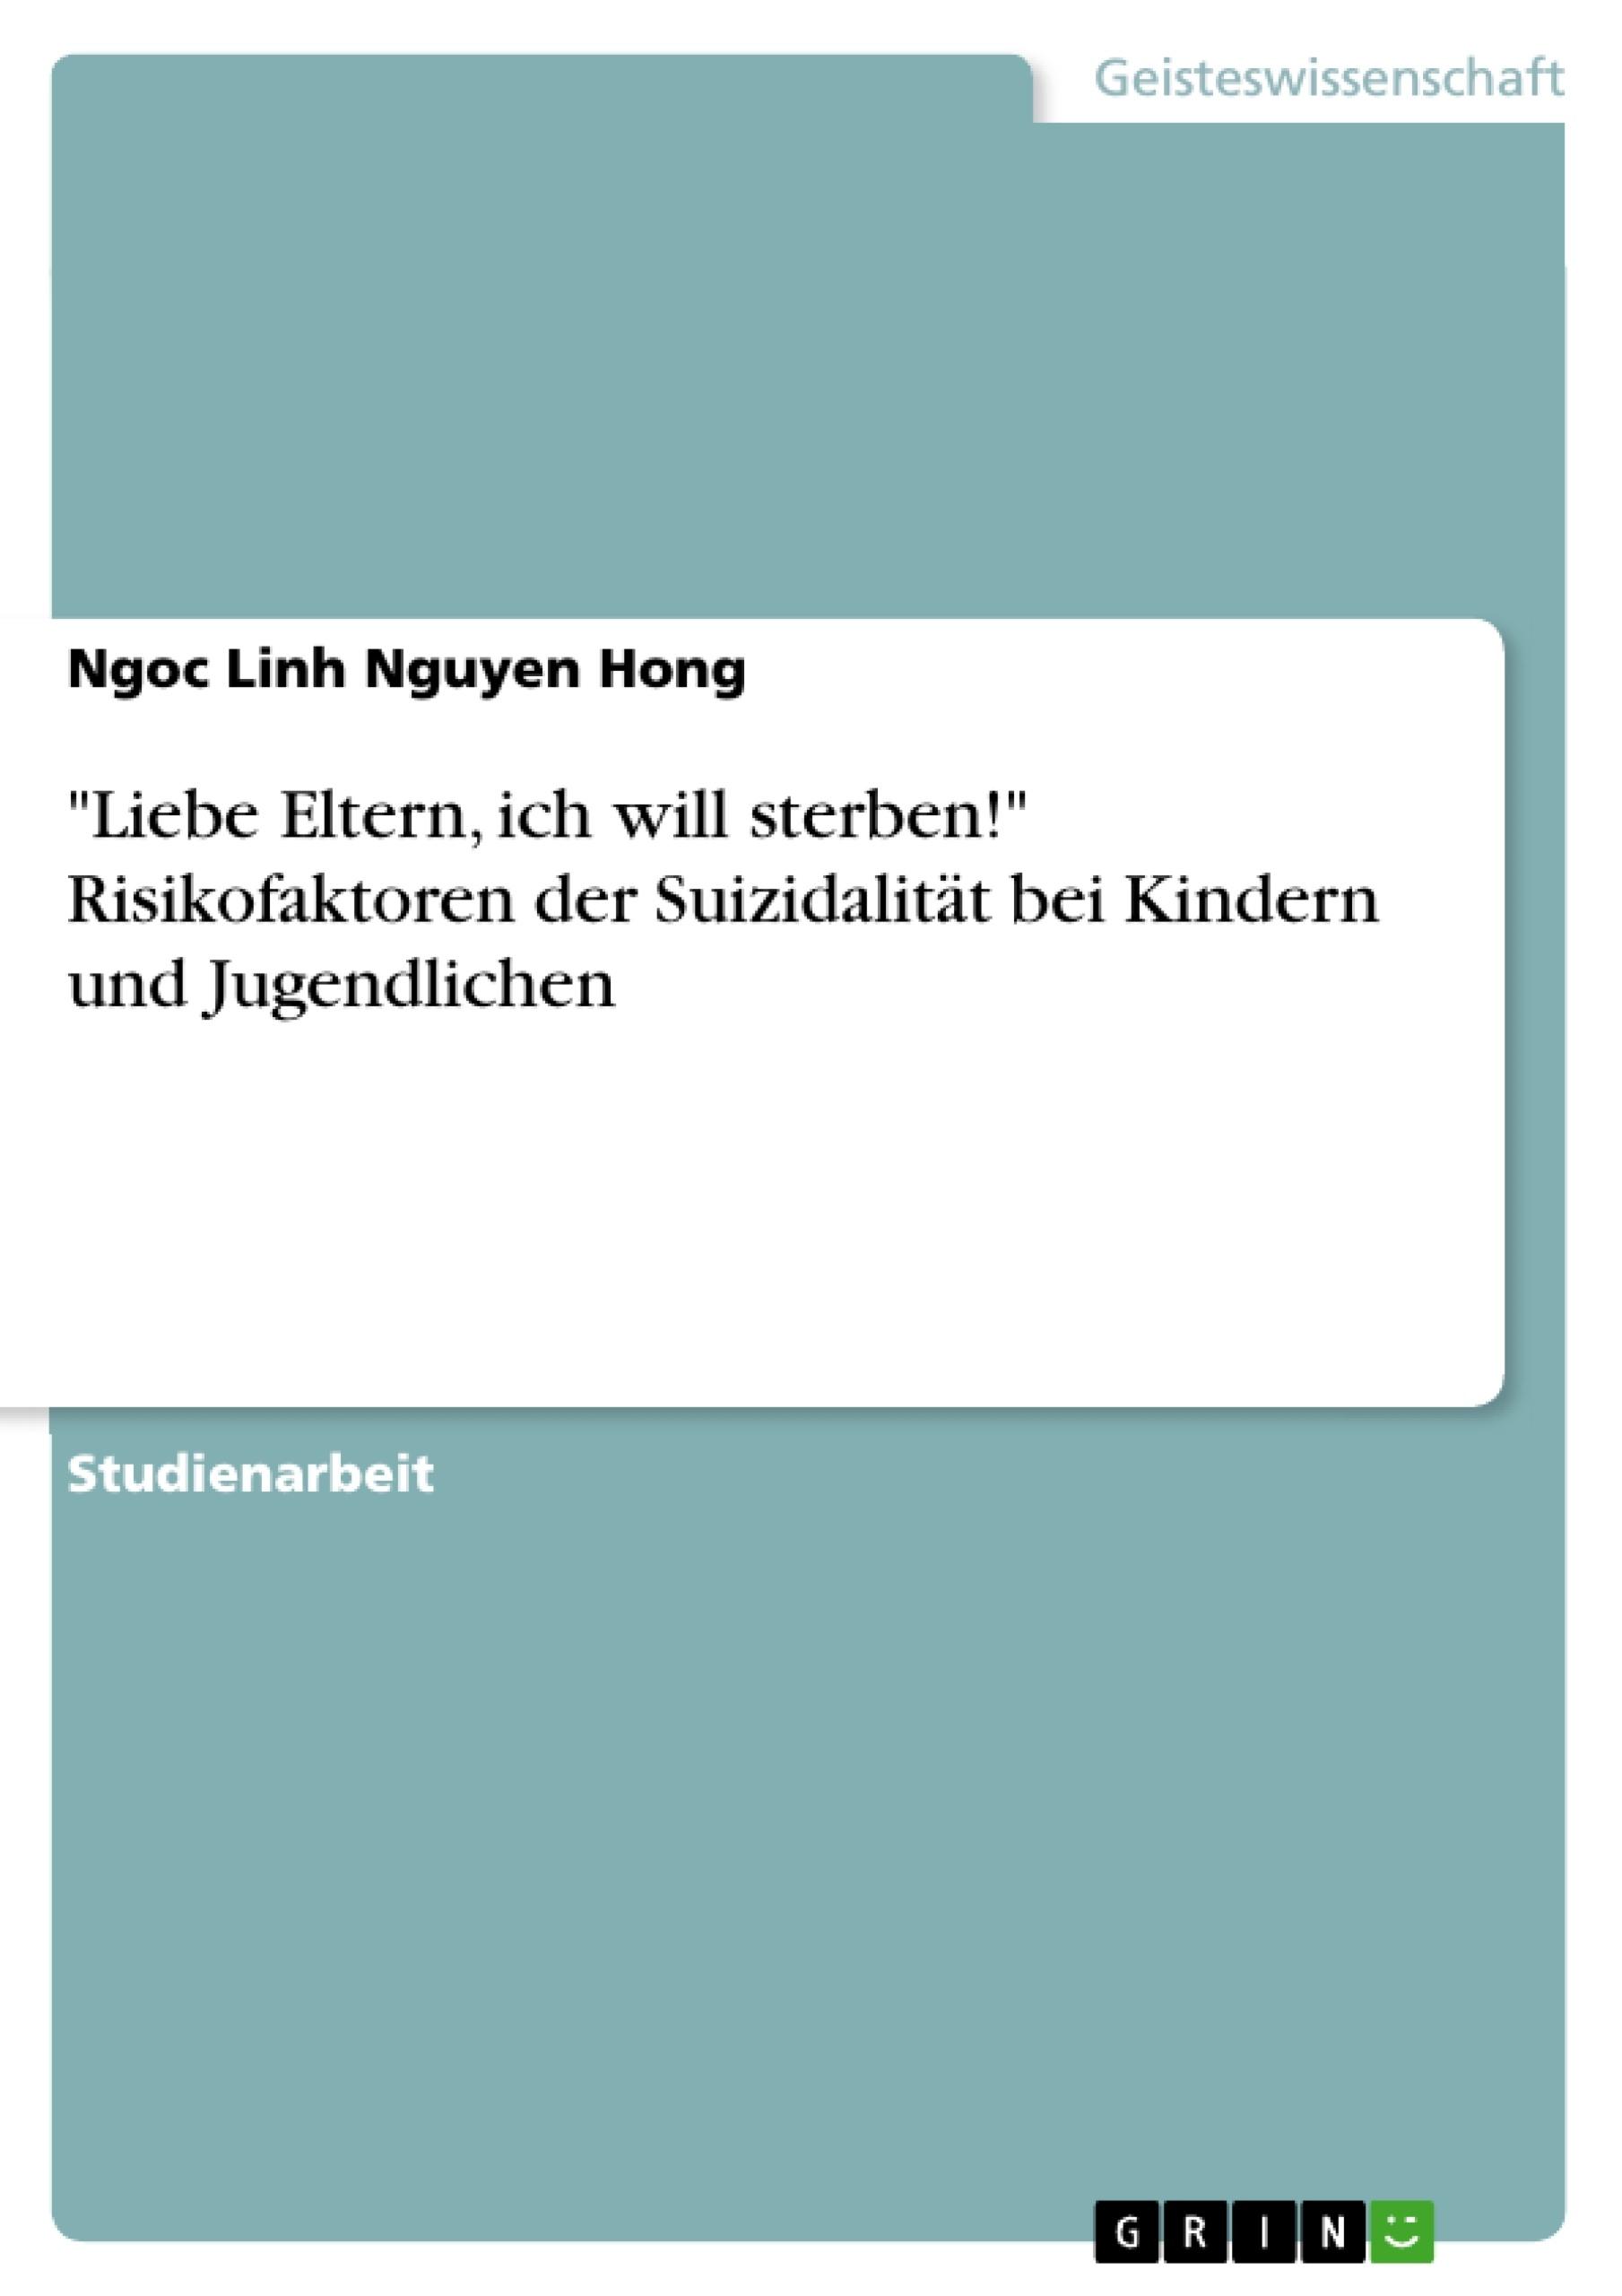 """Titel: """"Liebe Eltern, ich will sterben!"""" Risikofaktoren der Suizidalität bei Kindern und Jugendlichen"""